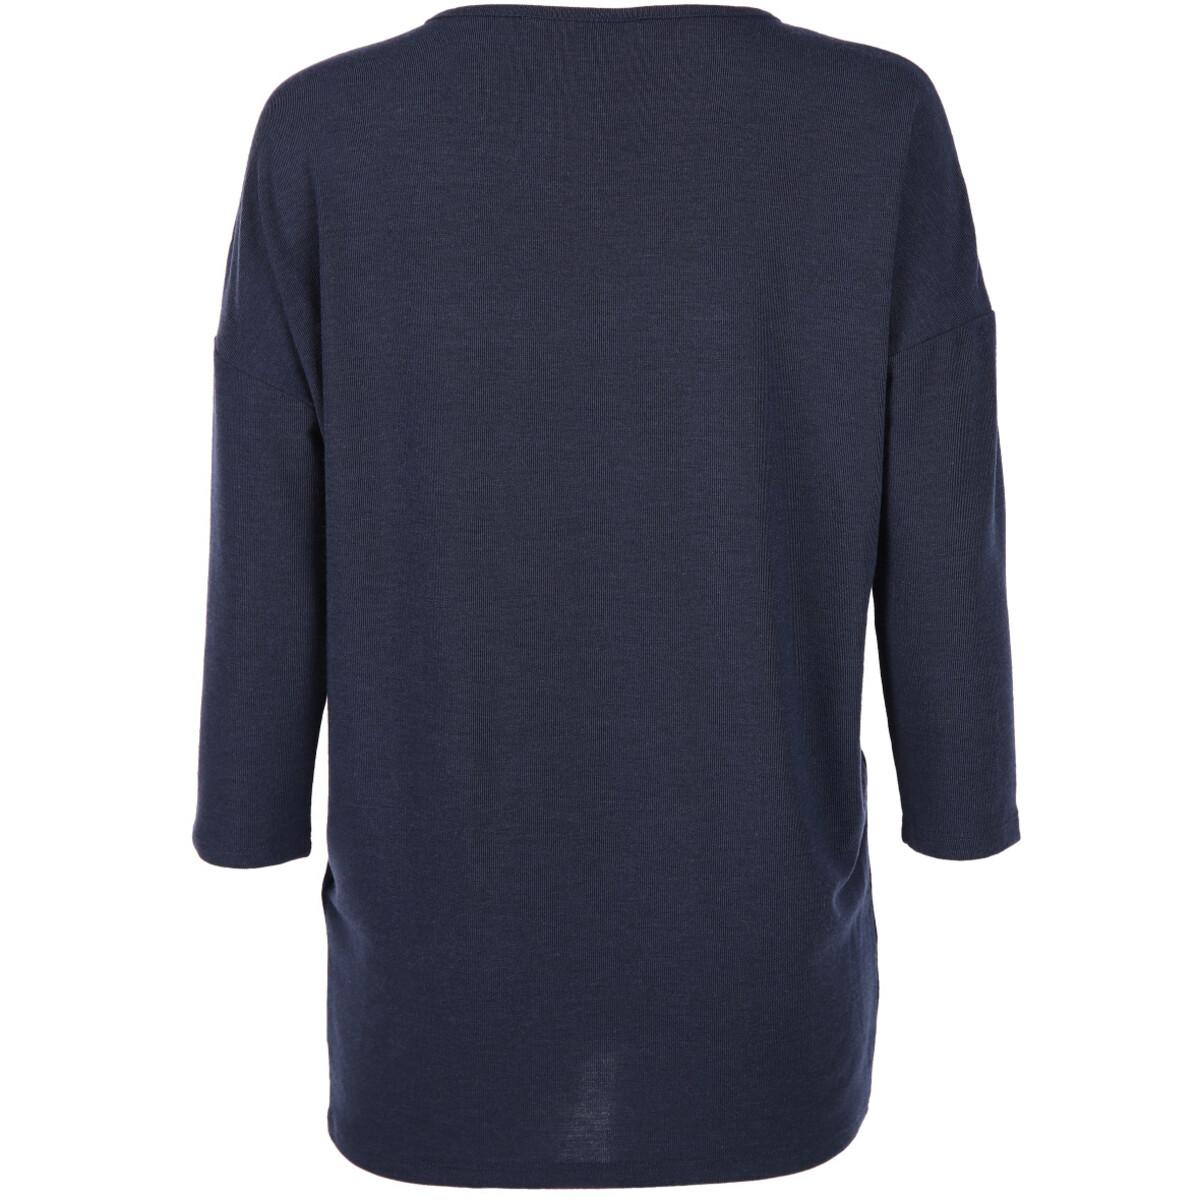 Bild 2 von Only ONLGLAMOUR 3/4 TOP JR Shirt